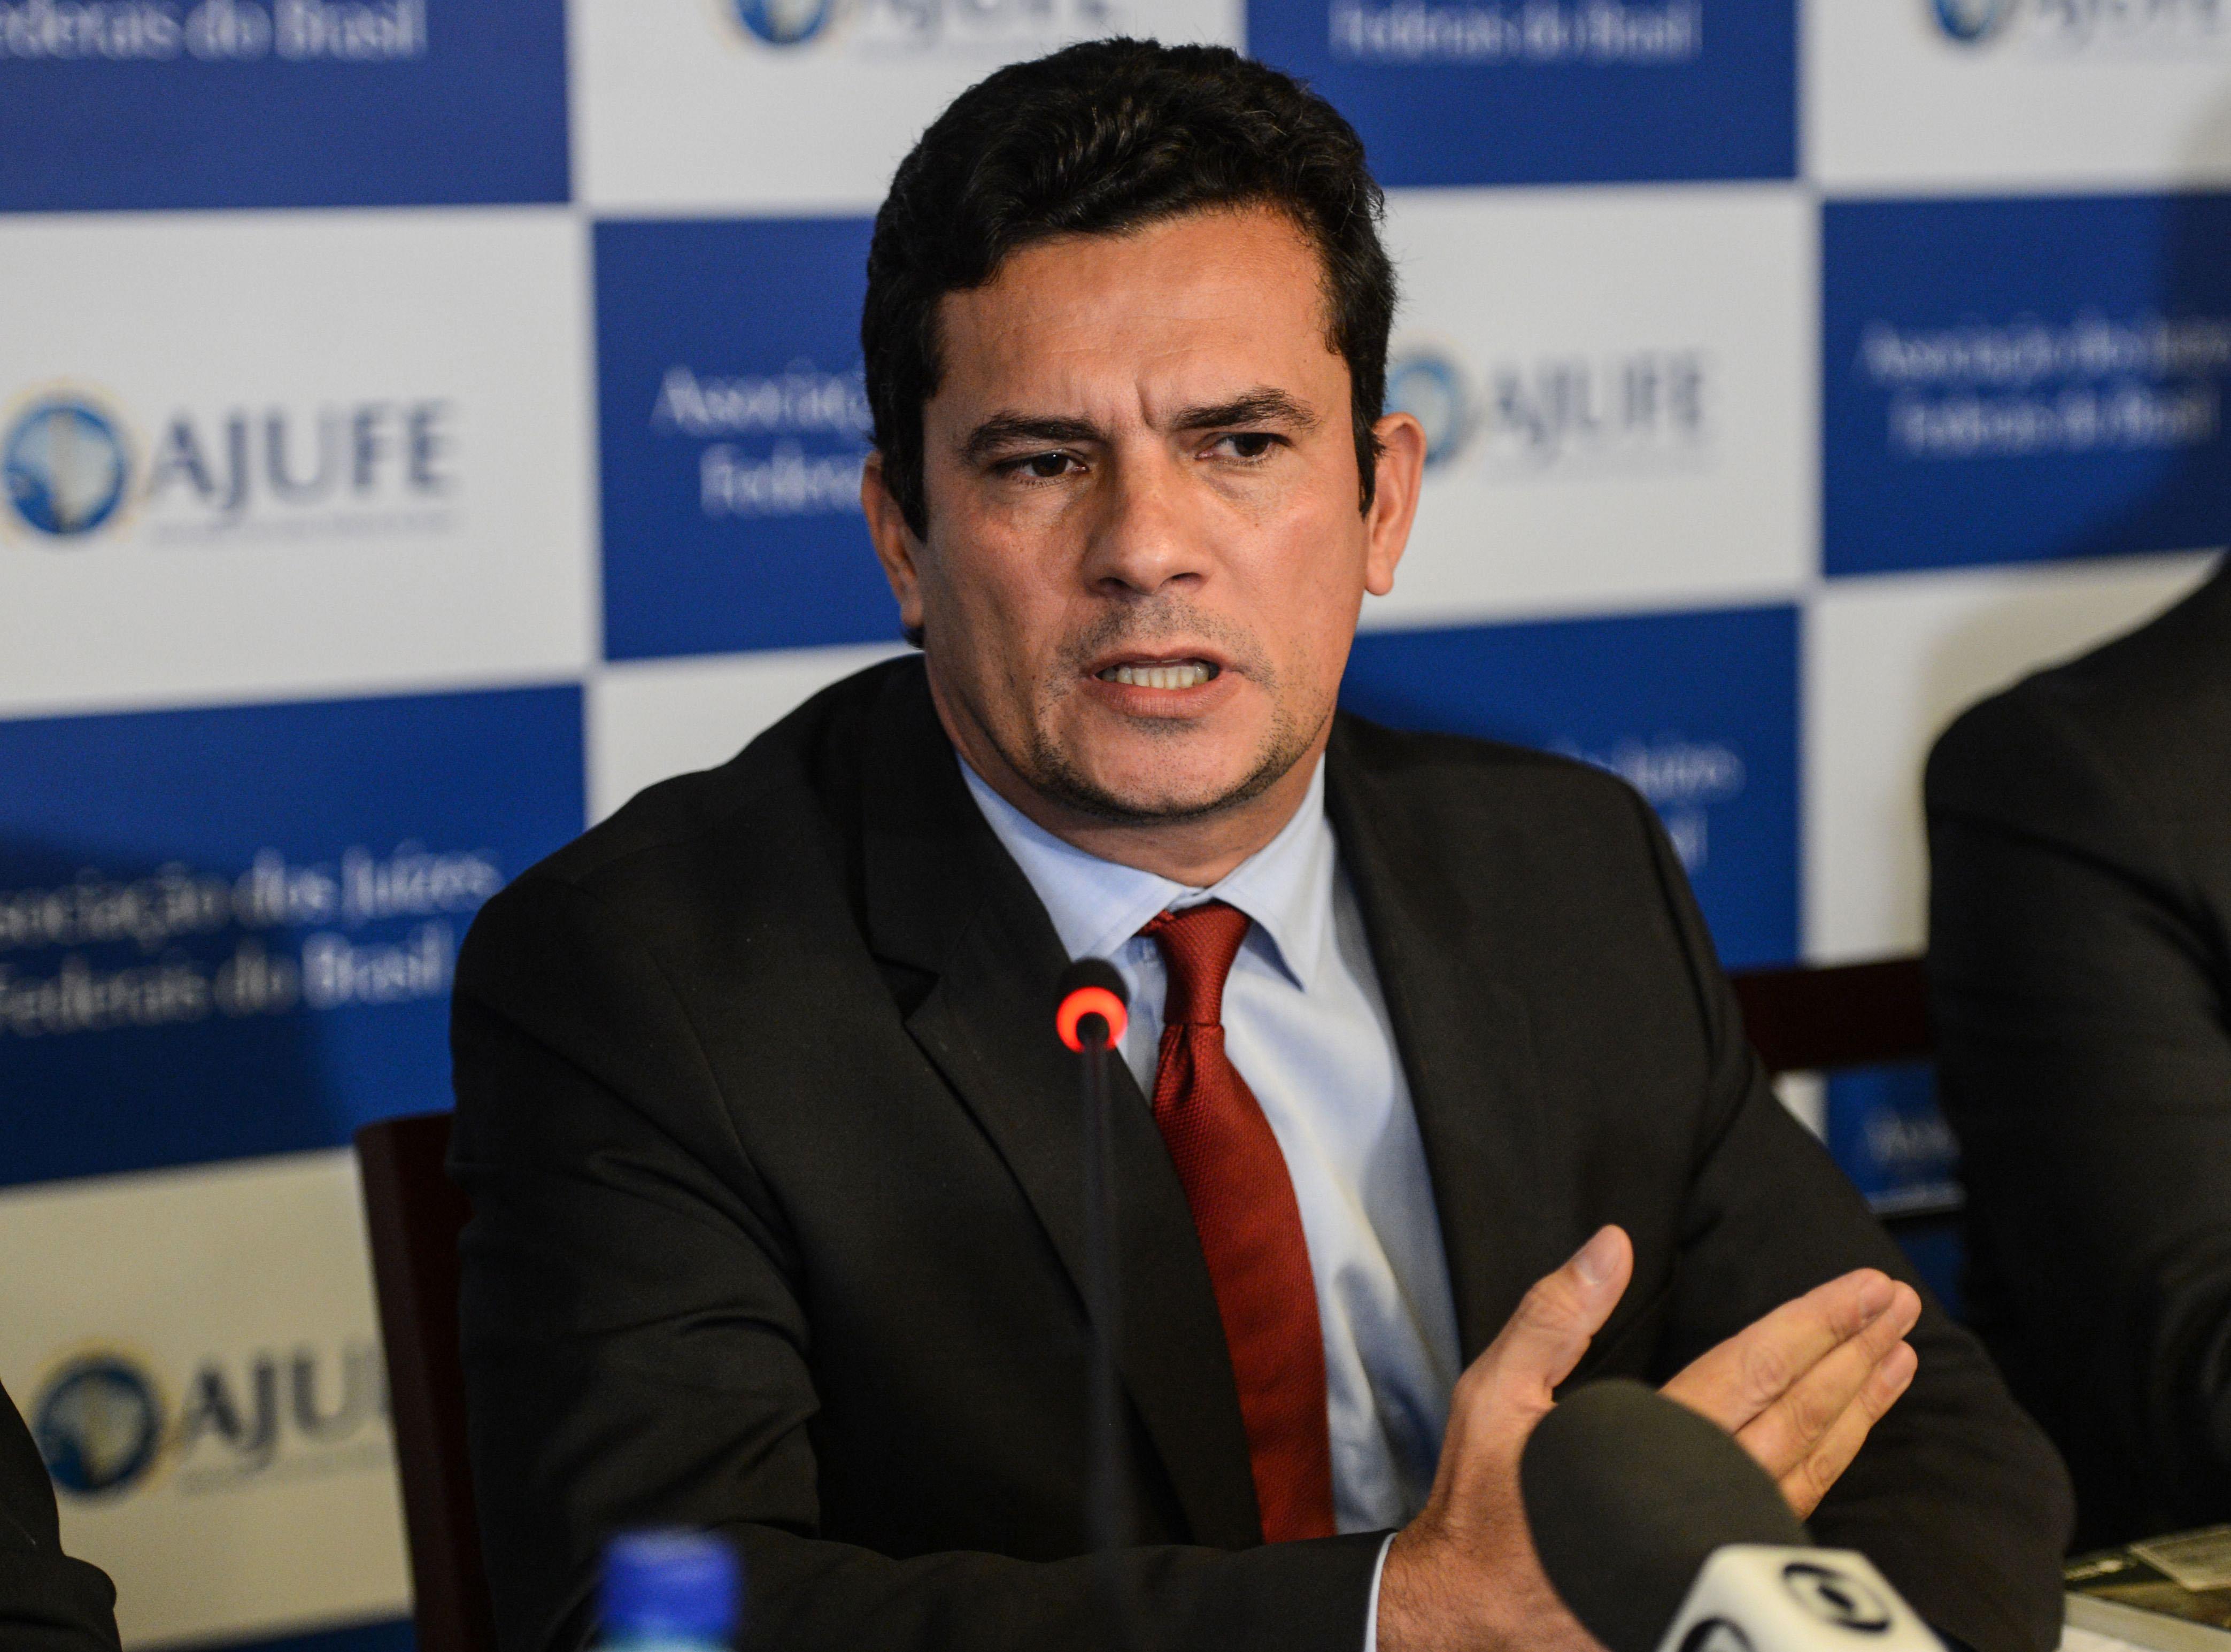 OAB quer impedir Sergio Moro de usar documentos jurídicos da Odebrecht